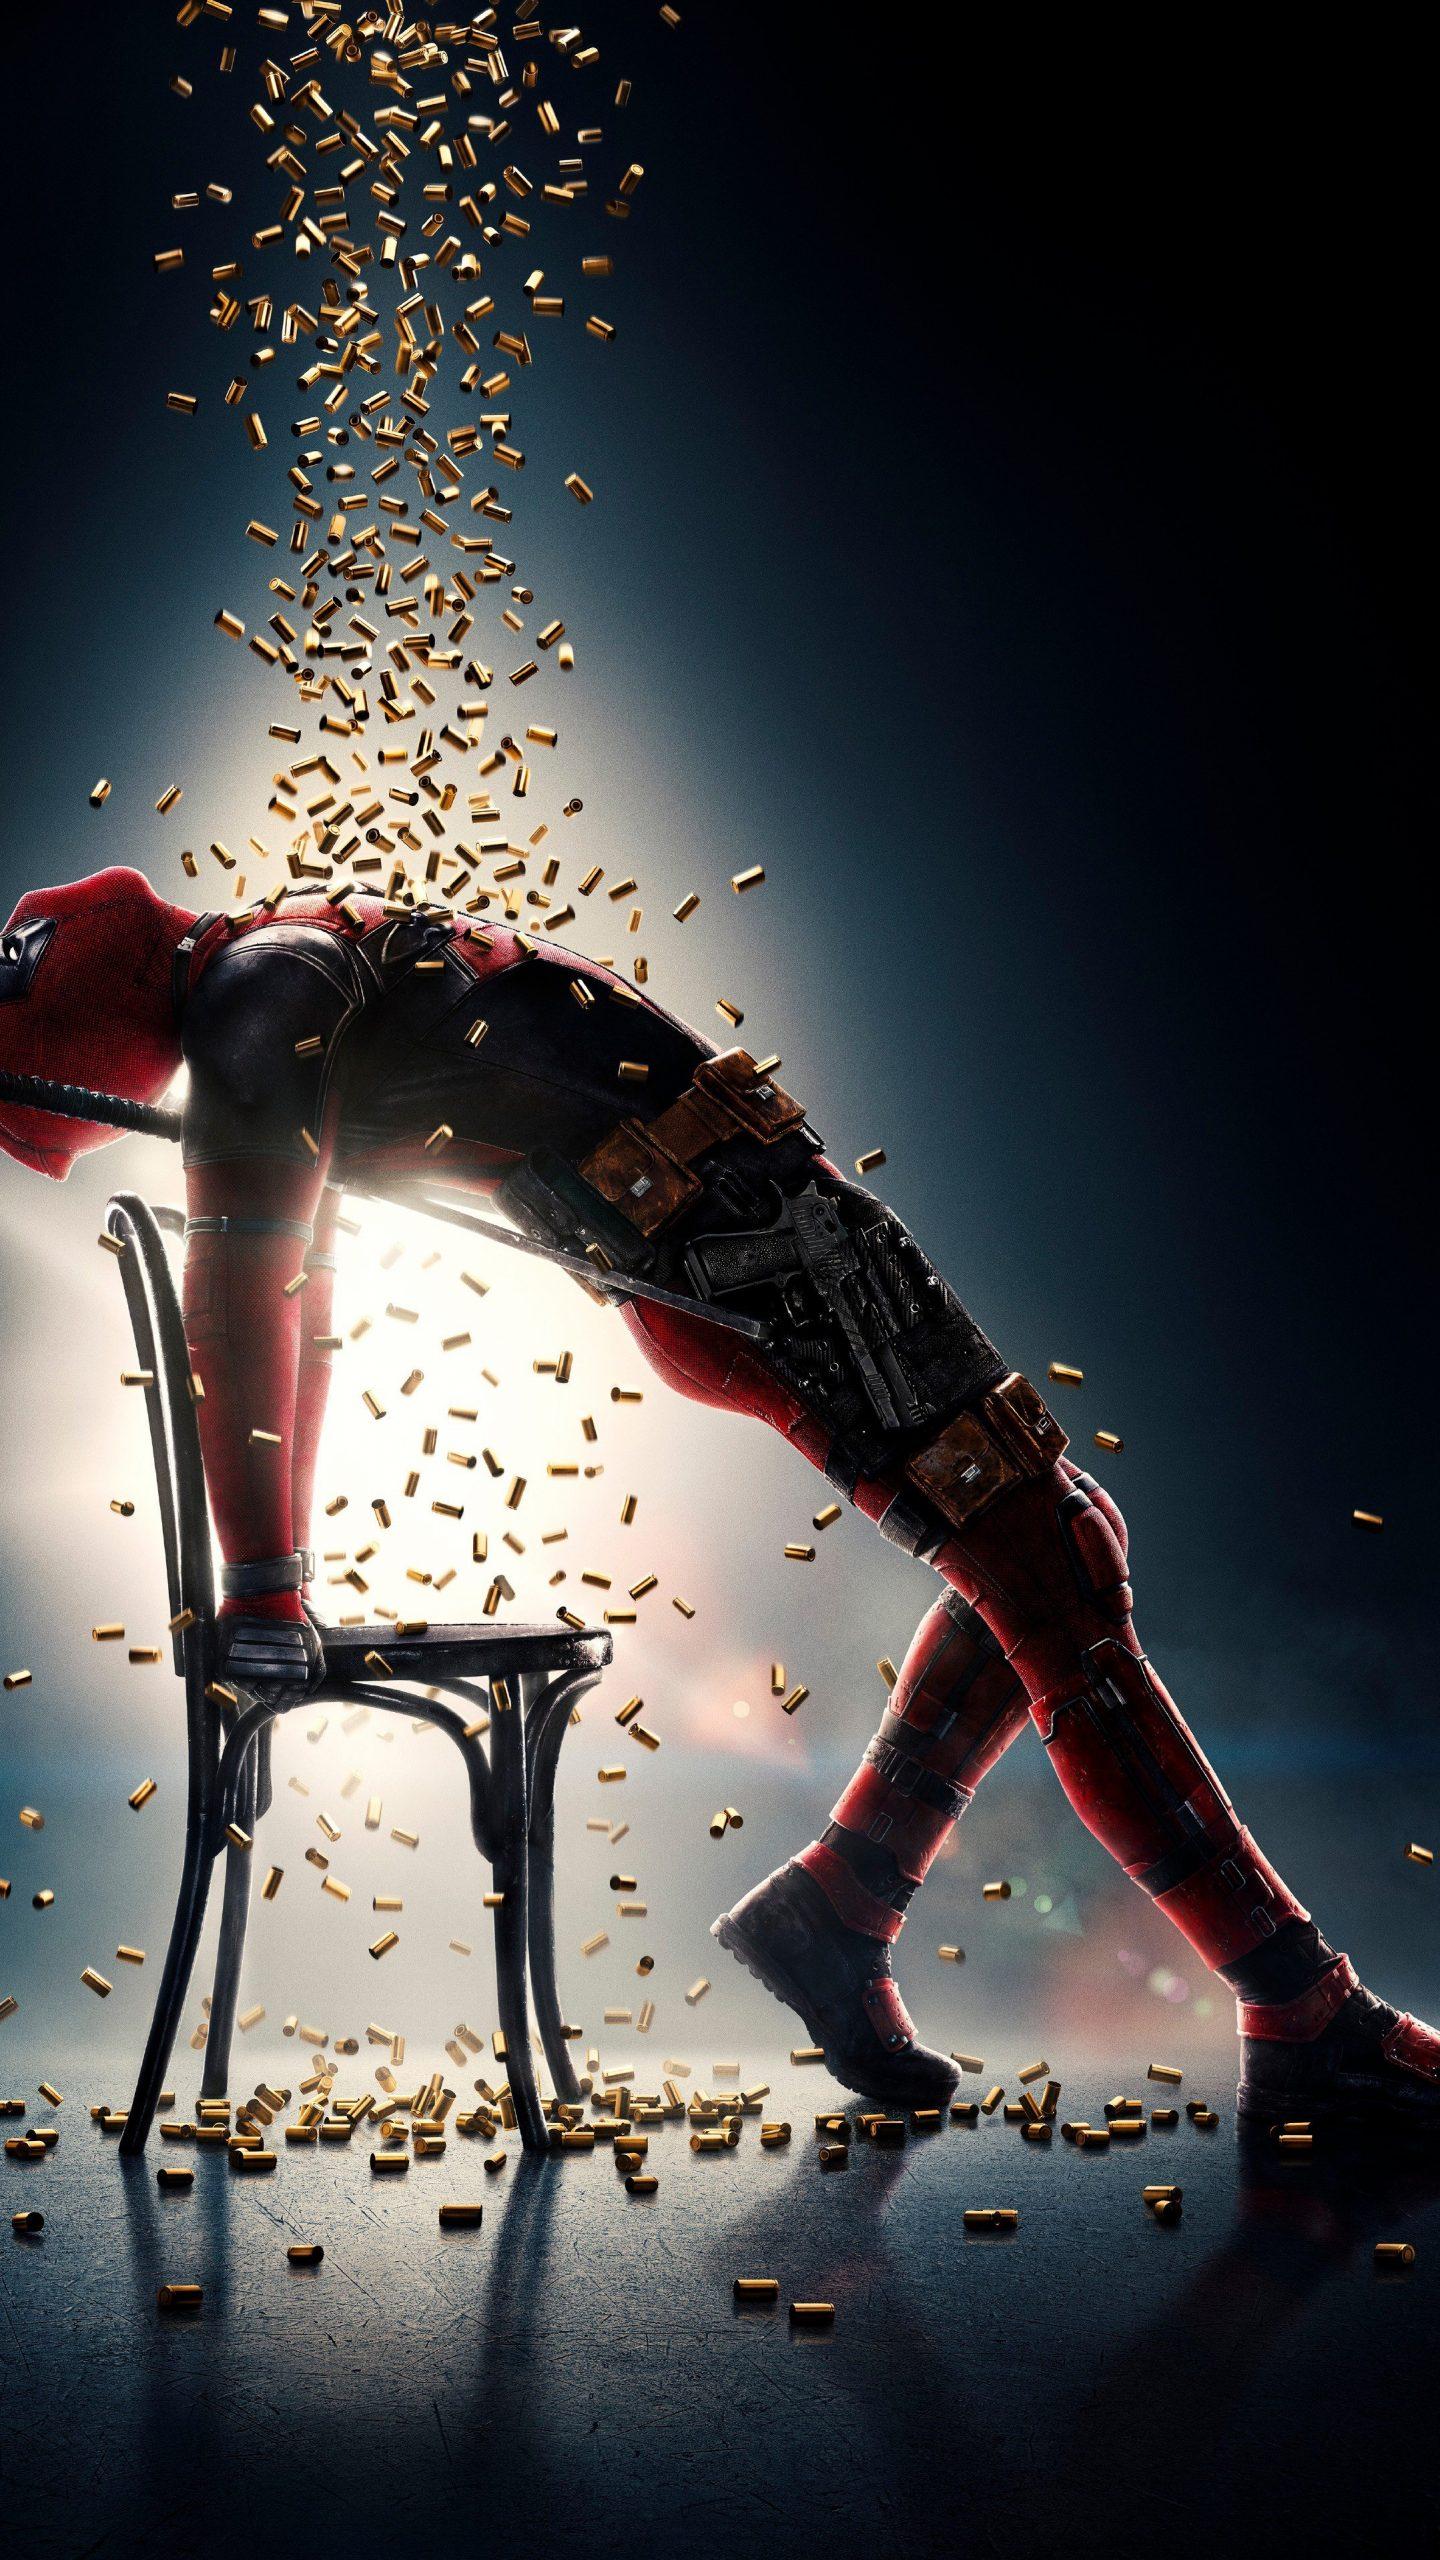 Deadpool 2 Movie Bullets Poster 4K Wallpaper